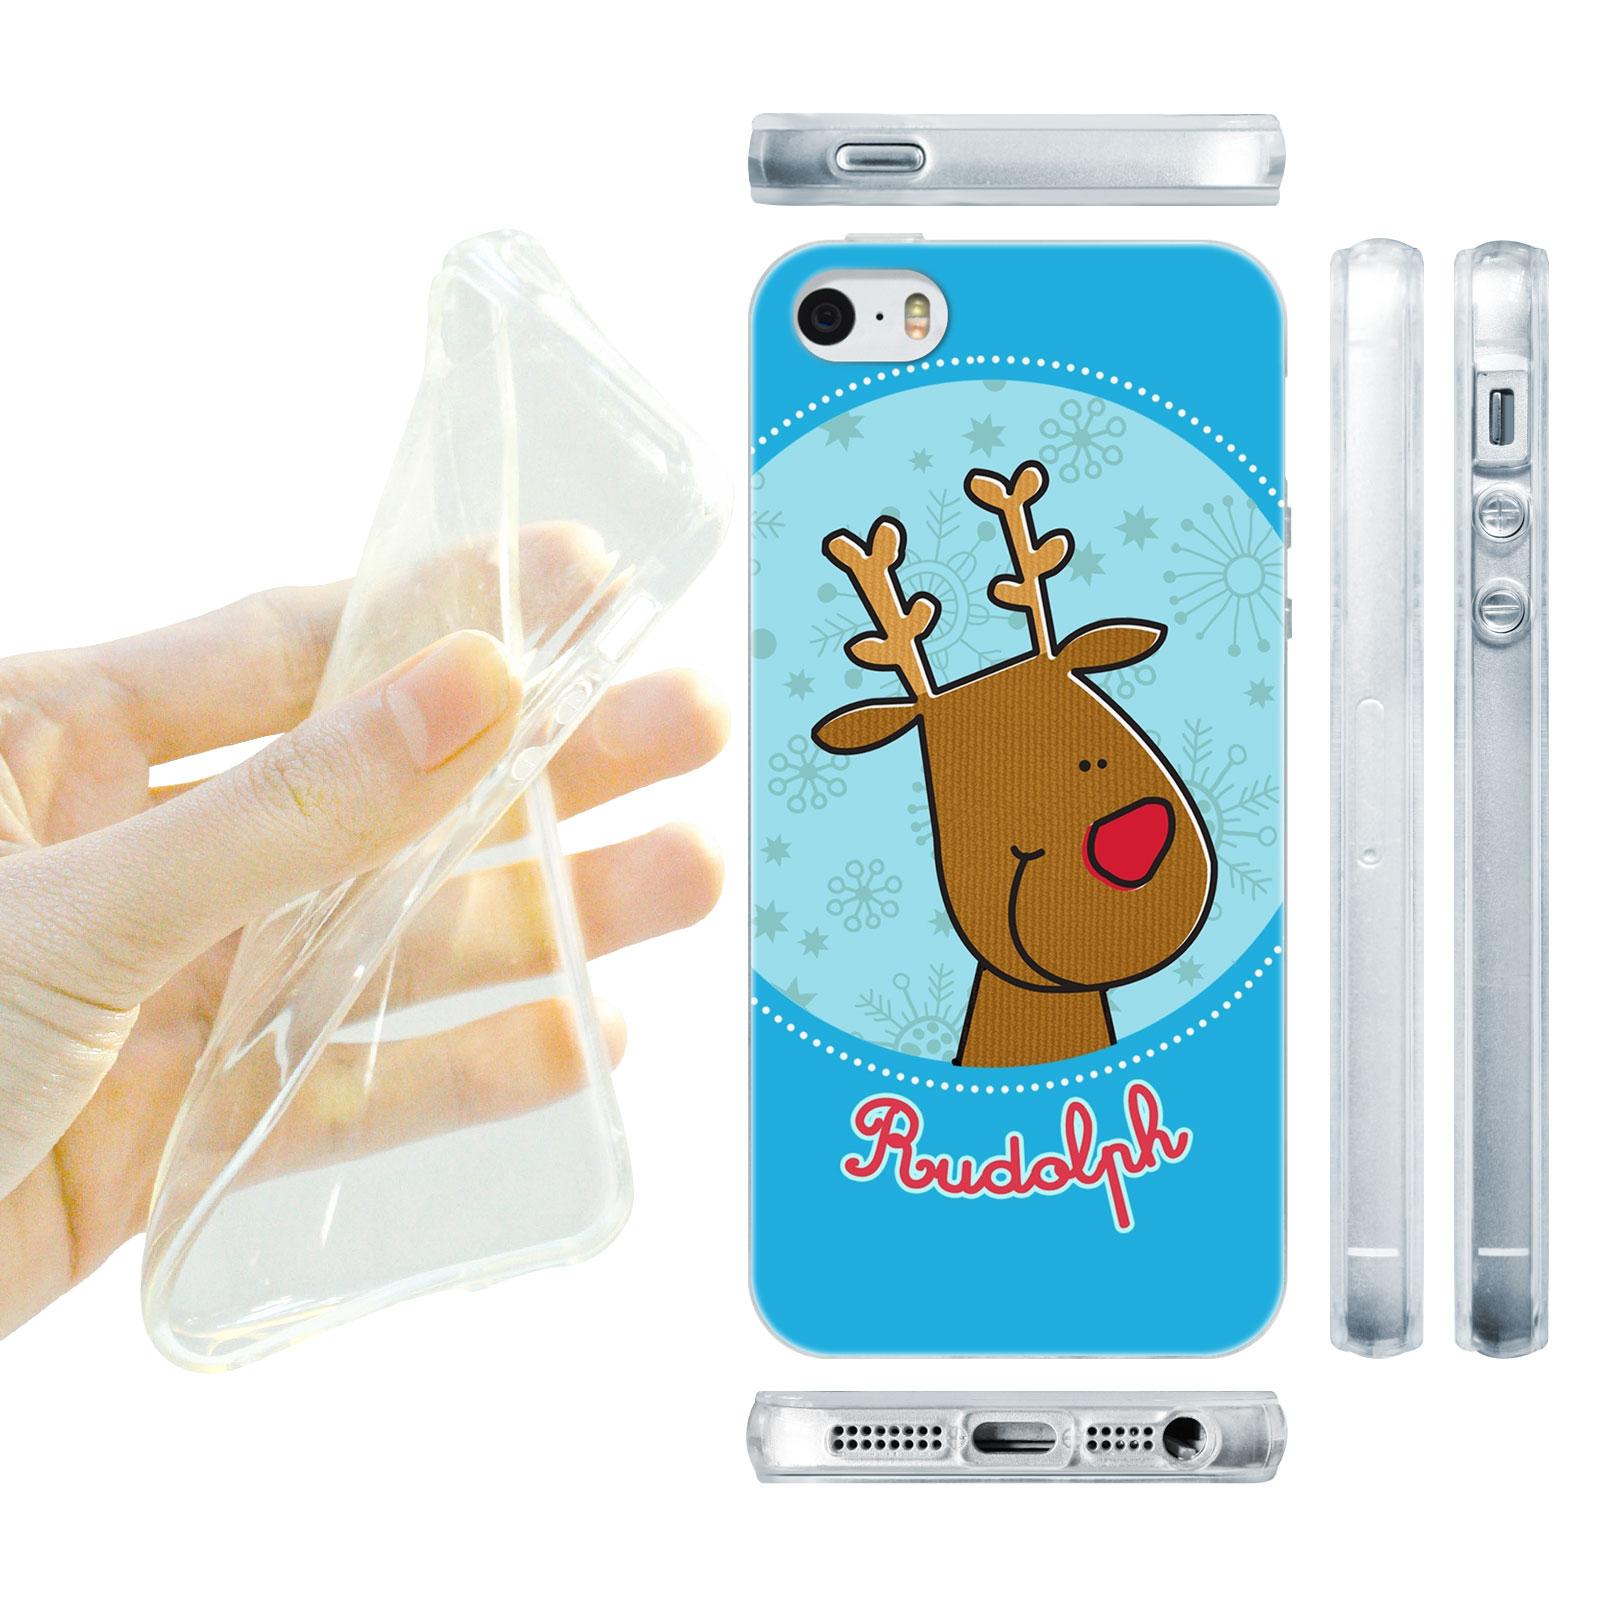 HEAD CASE silikonový obal na mobil Iphone 5/5S Vzor vánoce sob RUDOLF modrá barva